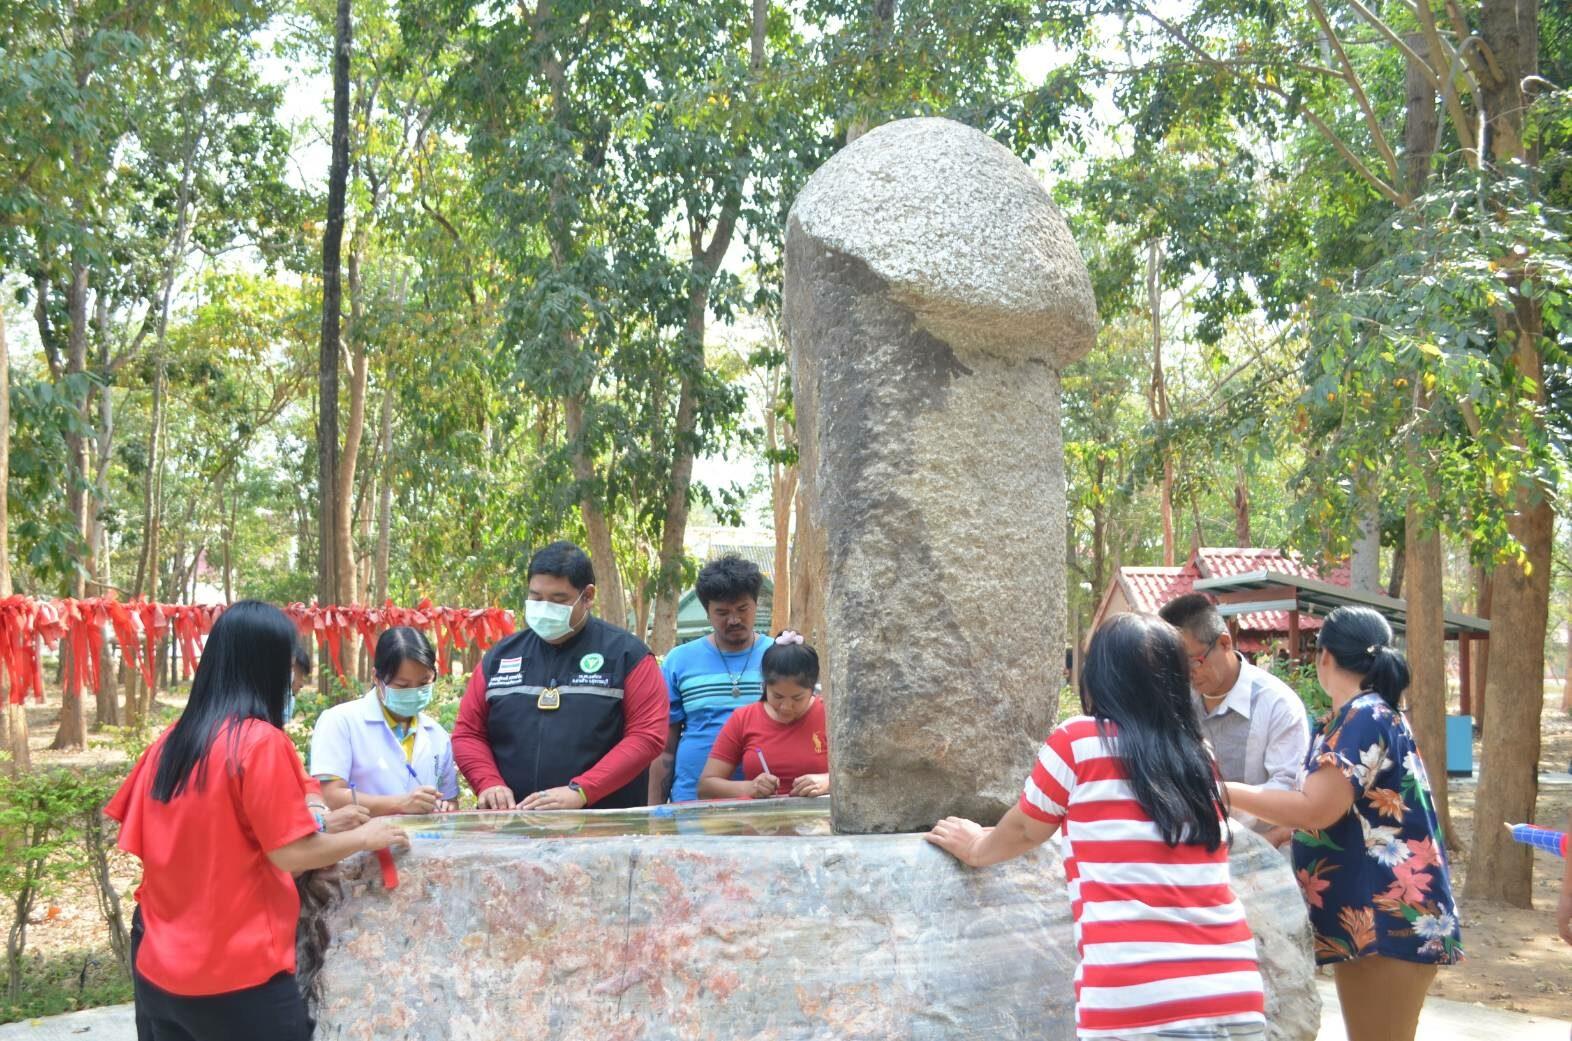 คู่รักแห่ขอพร หินพันปี วัดดัง ให้อยู่กินกันเท่าอายุหิน